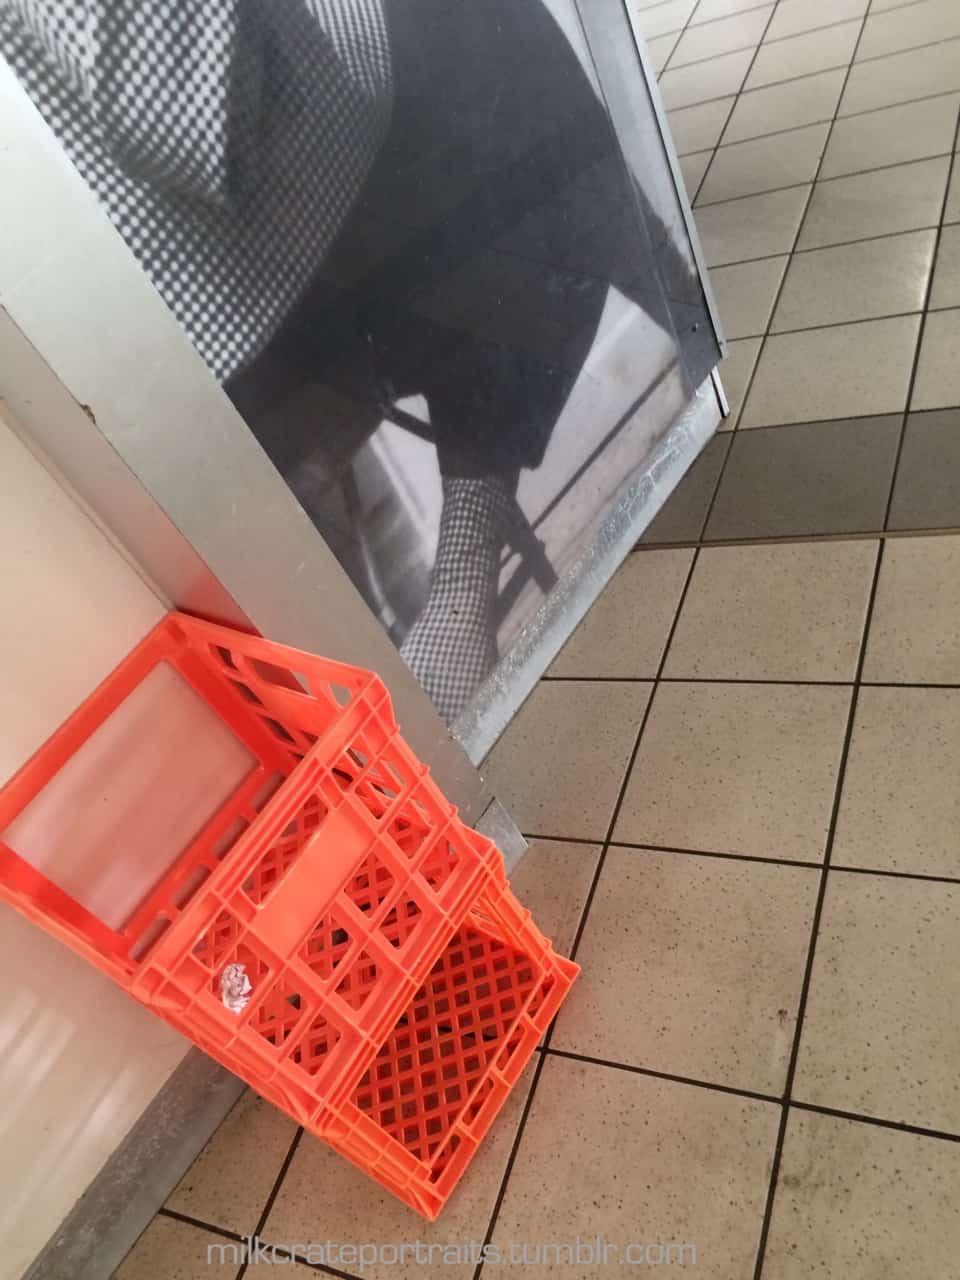 Cafe milk crates